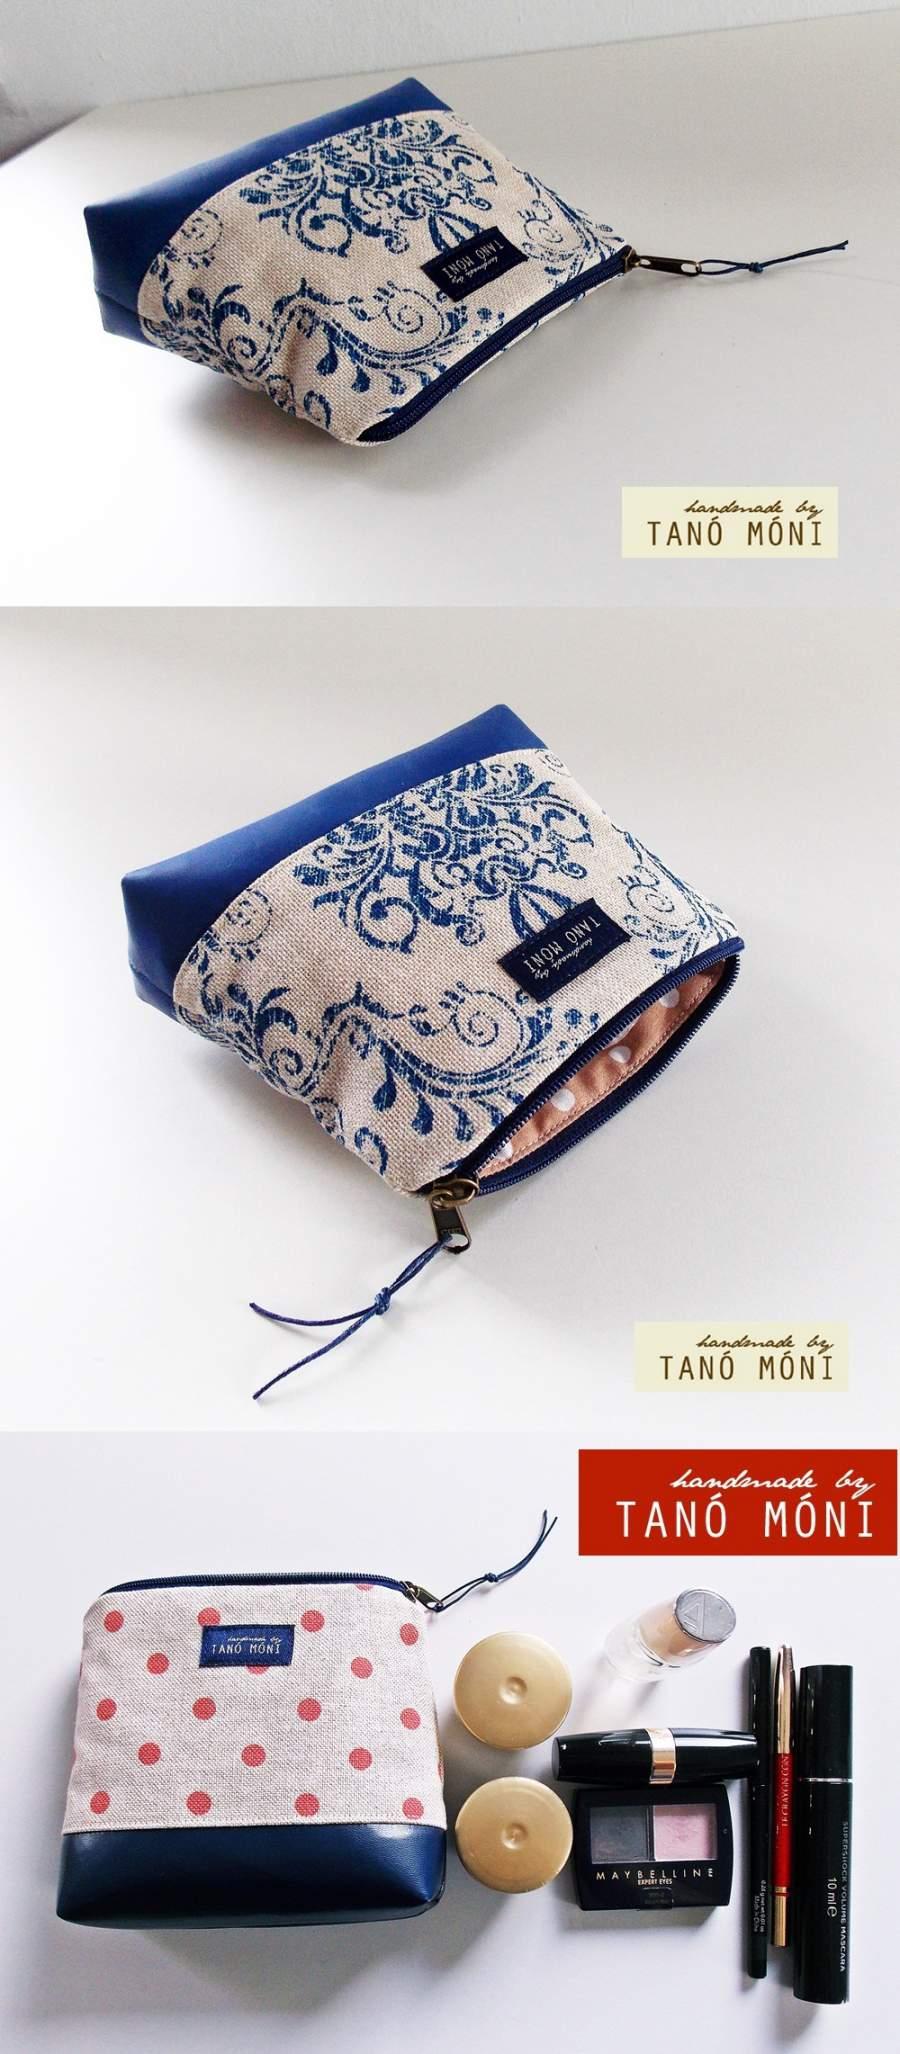 ... NESZESZER XS kék barokk mintás királykék műbőr díszítéssel (új) 3a8522941a